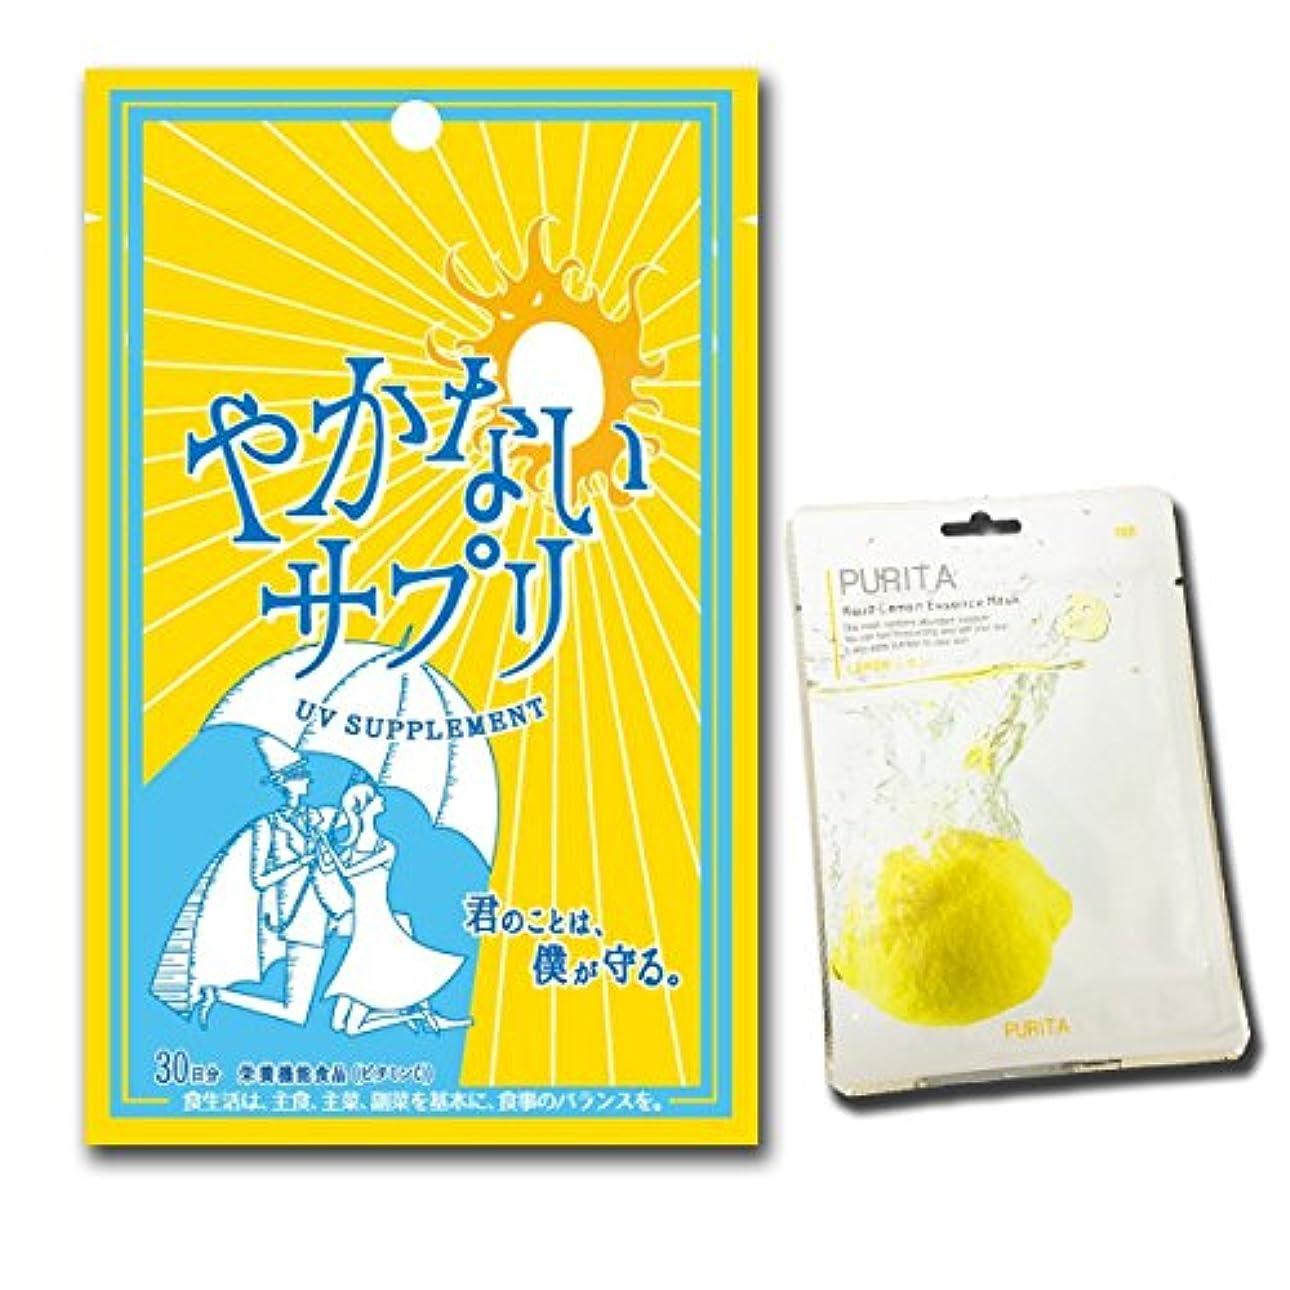 決してめる恥ずかしさ飲む日焼け止め やかないサプリ 日本製 (30粒/30日分) PURITAフェイスマスク1枚付